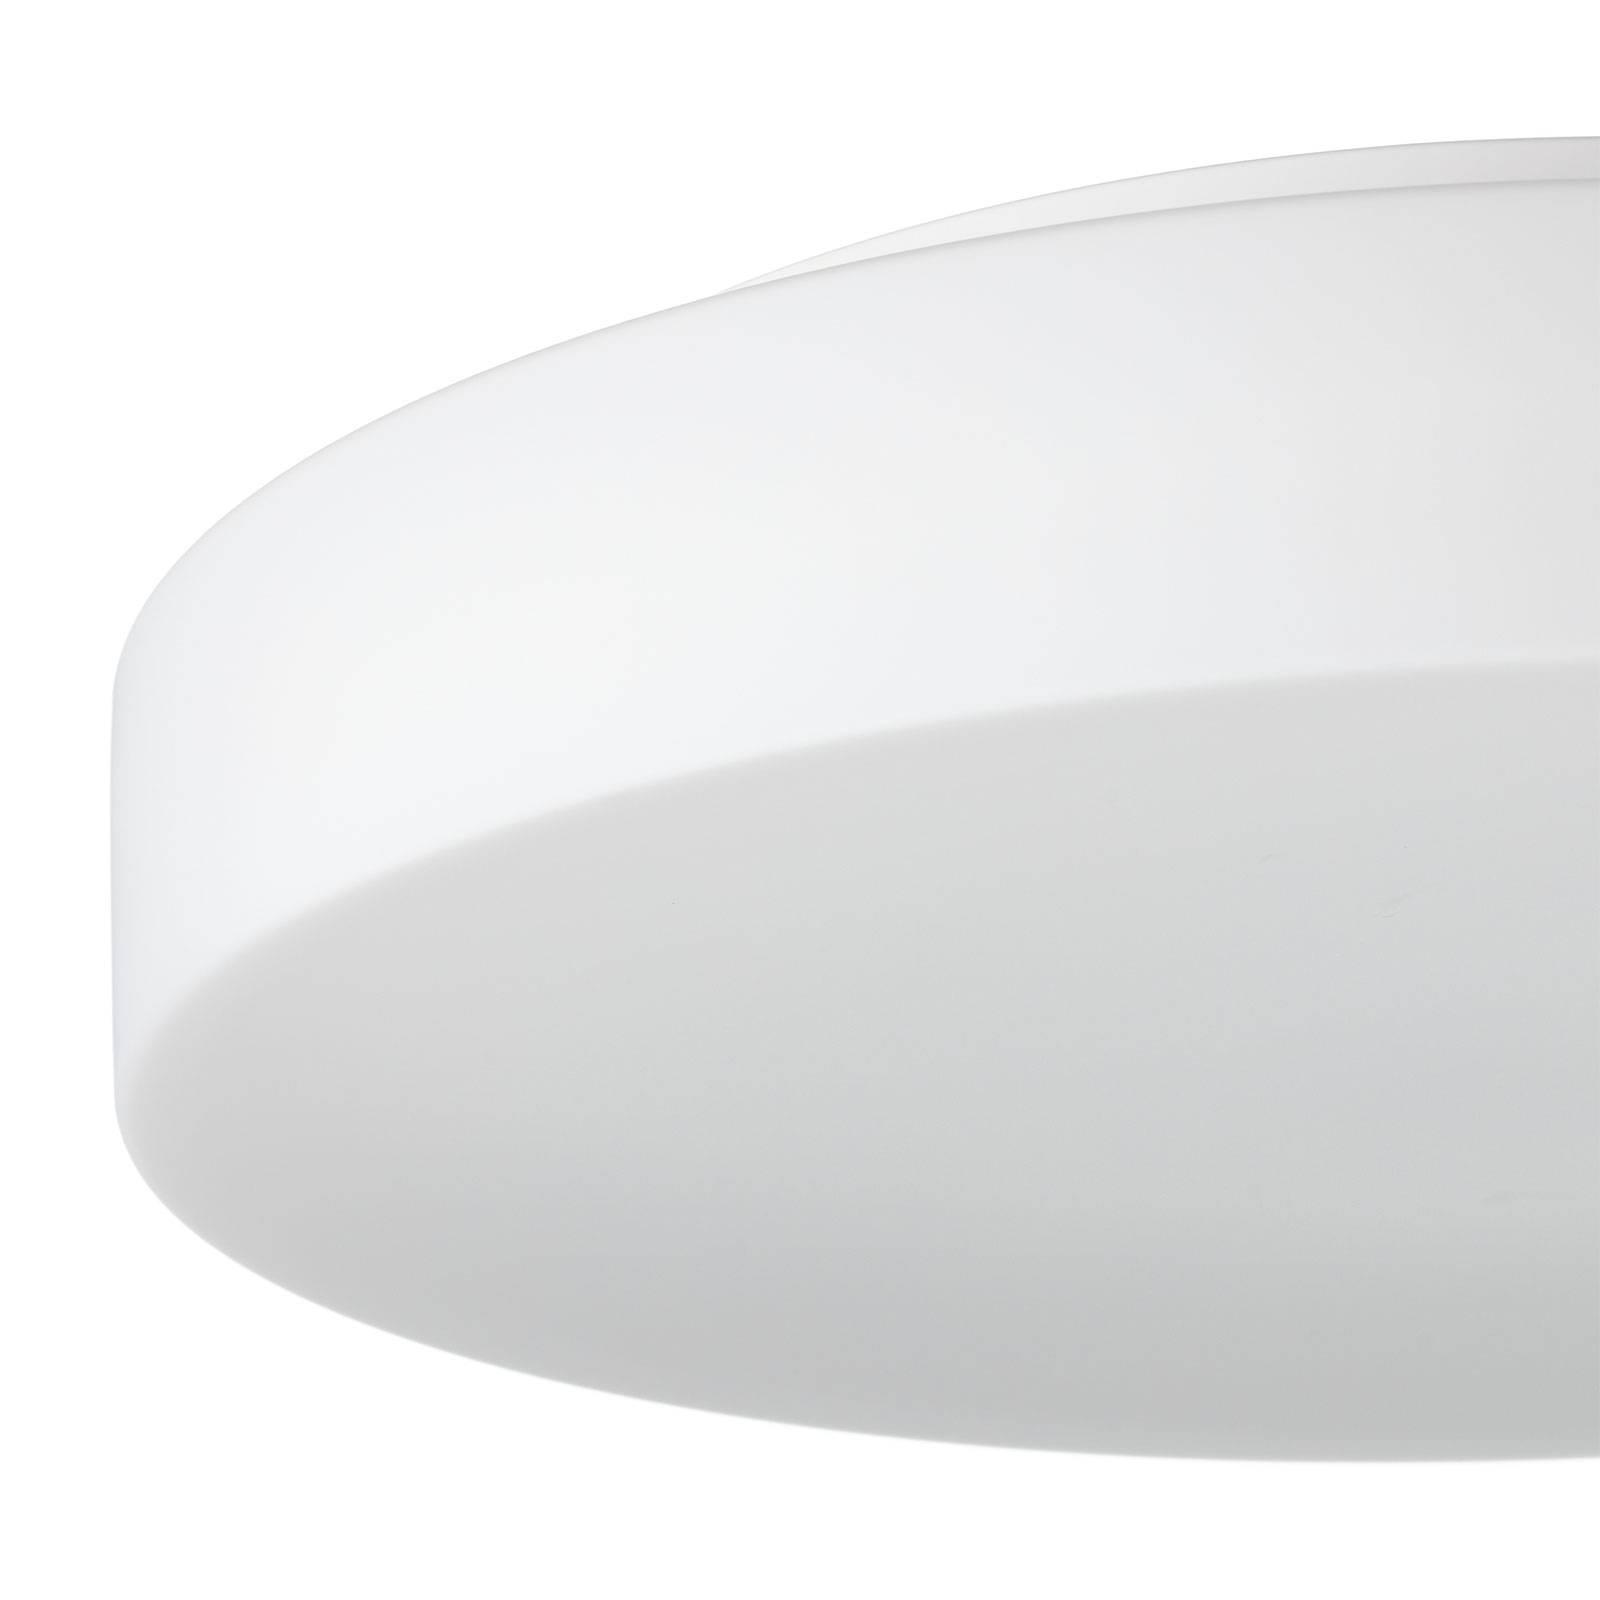 BEGA 34288 LED-kattovalaisin lasi DALI 4000K Ø39cm